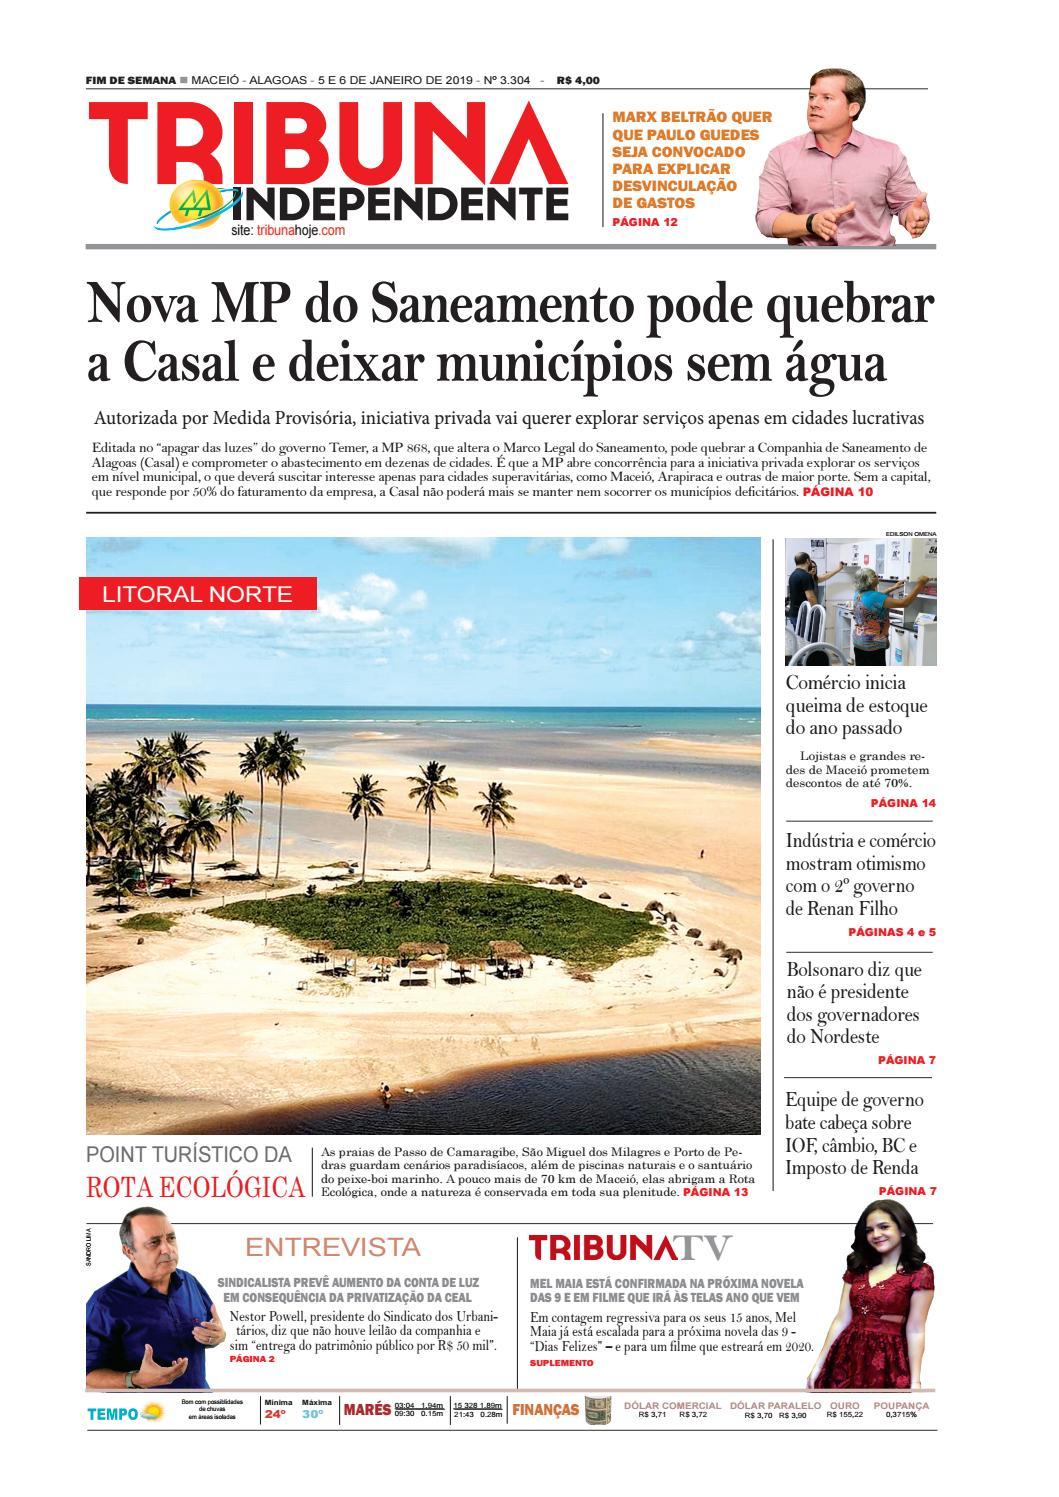 c879aa9416b Edição número 3304 - 5 e 6 de janeiro de 2019 by Tribuna Hoje - issuu